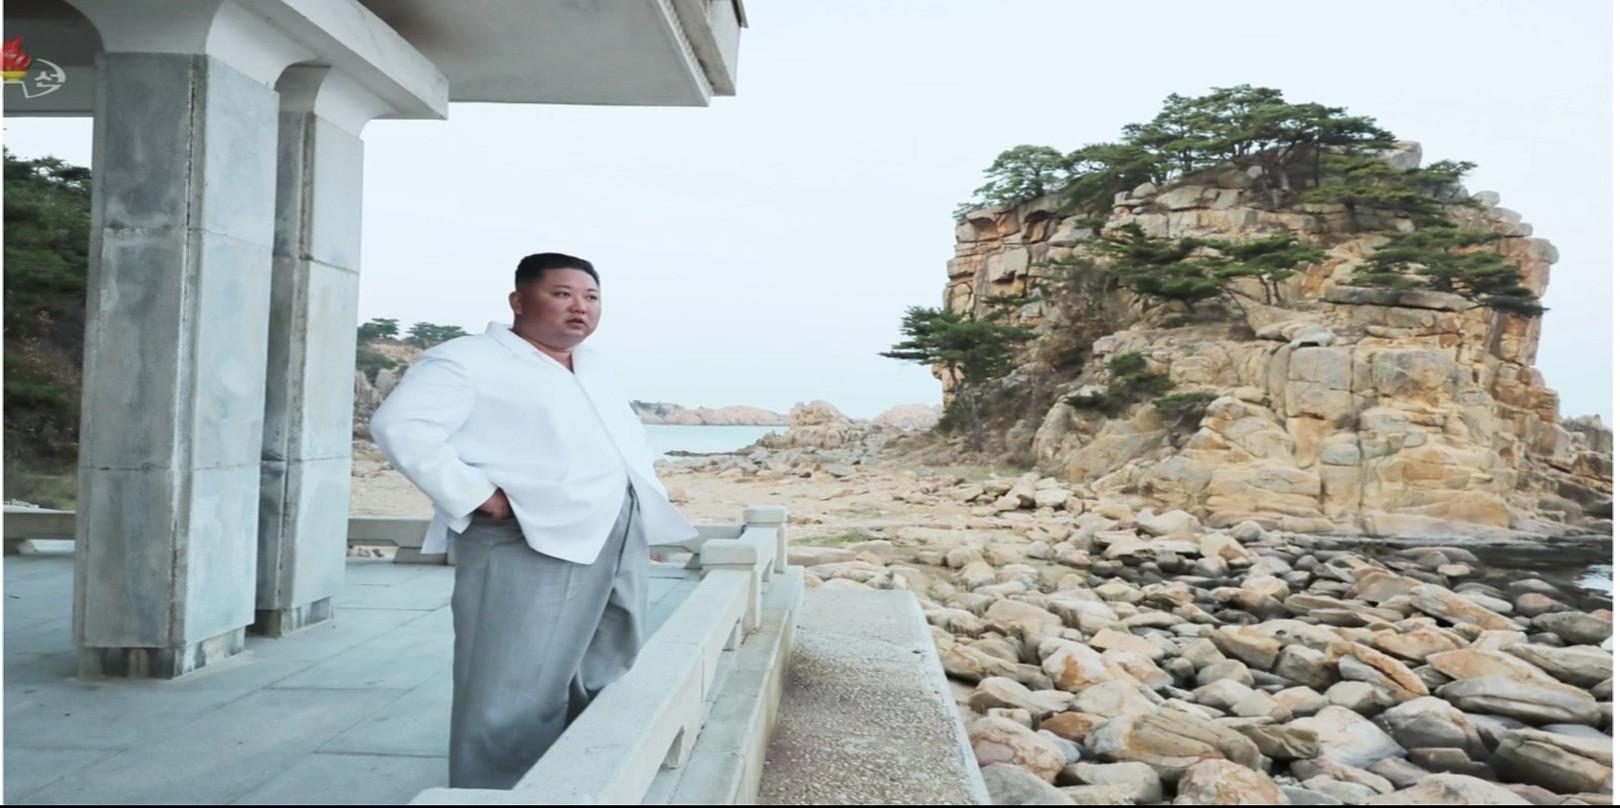 ▲▼金正恩去年10月視察金剛山時喊拆南韓設施,「看了心情差!」(圖/達志影像)